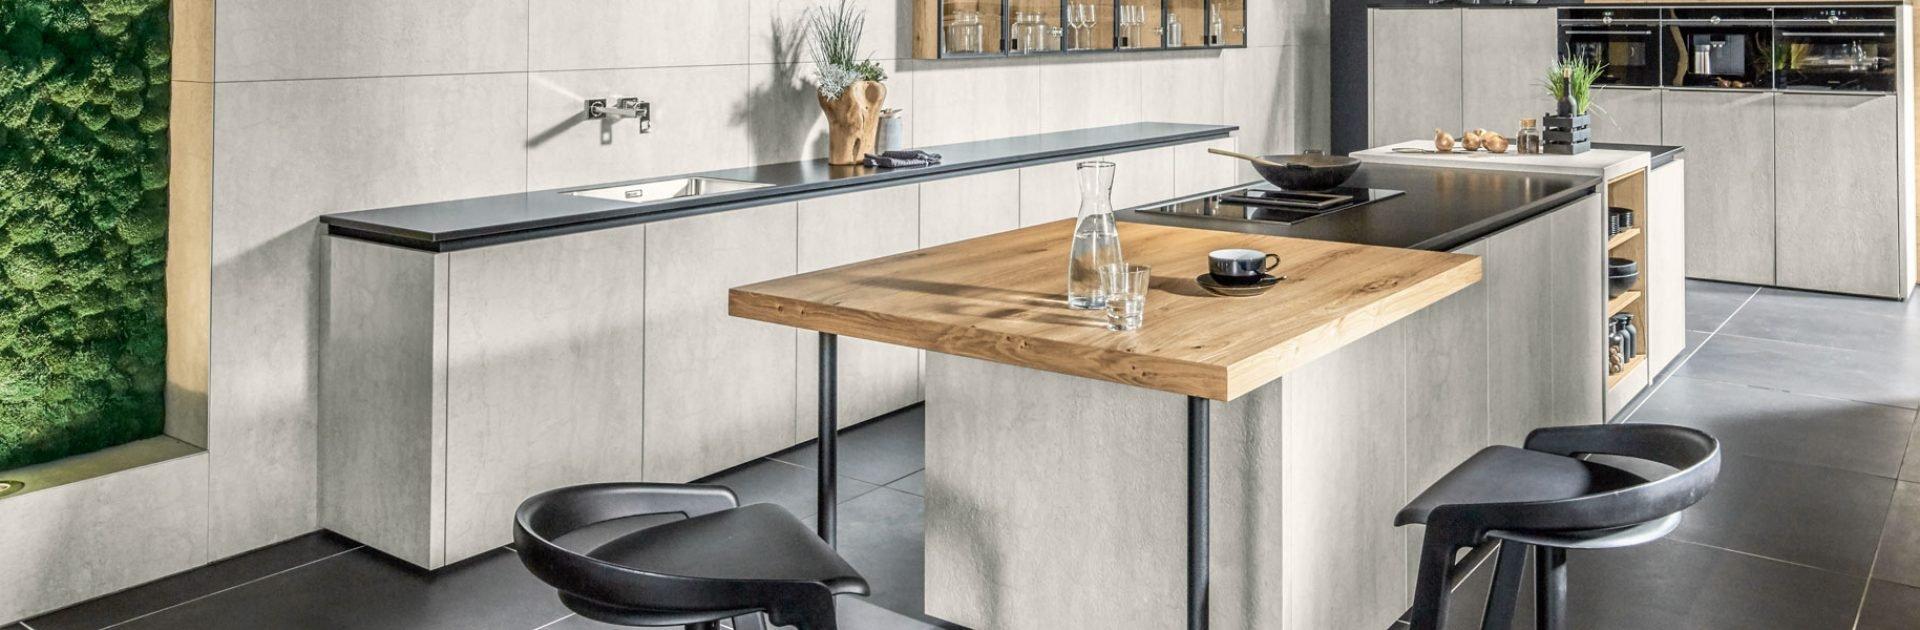 Keuken met geïntegreerde afzuiging | Eigenhuis KeukensKeuken met geïntegreerde afzuiging | Eigenhuis Keukens